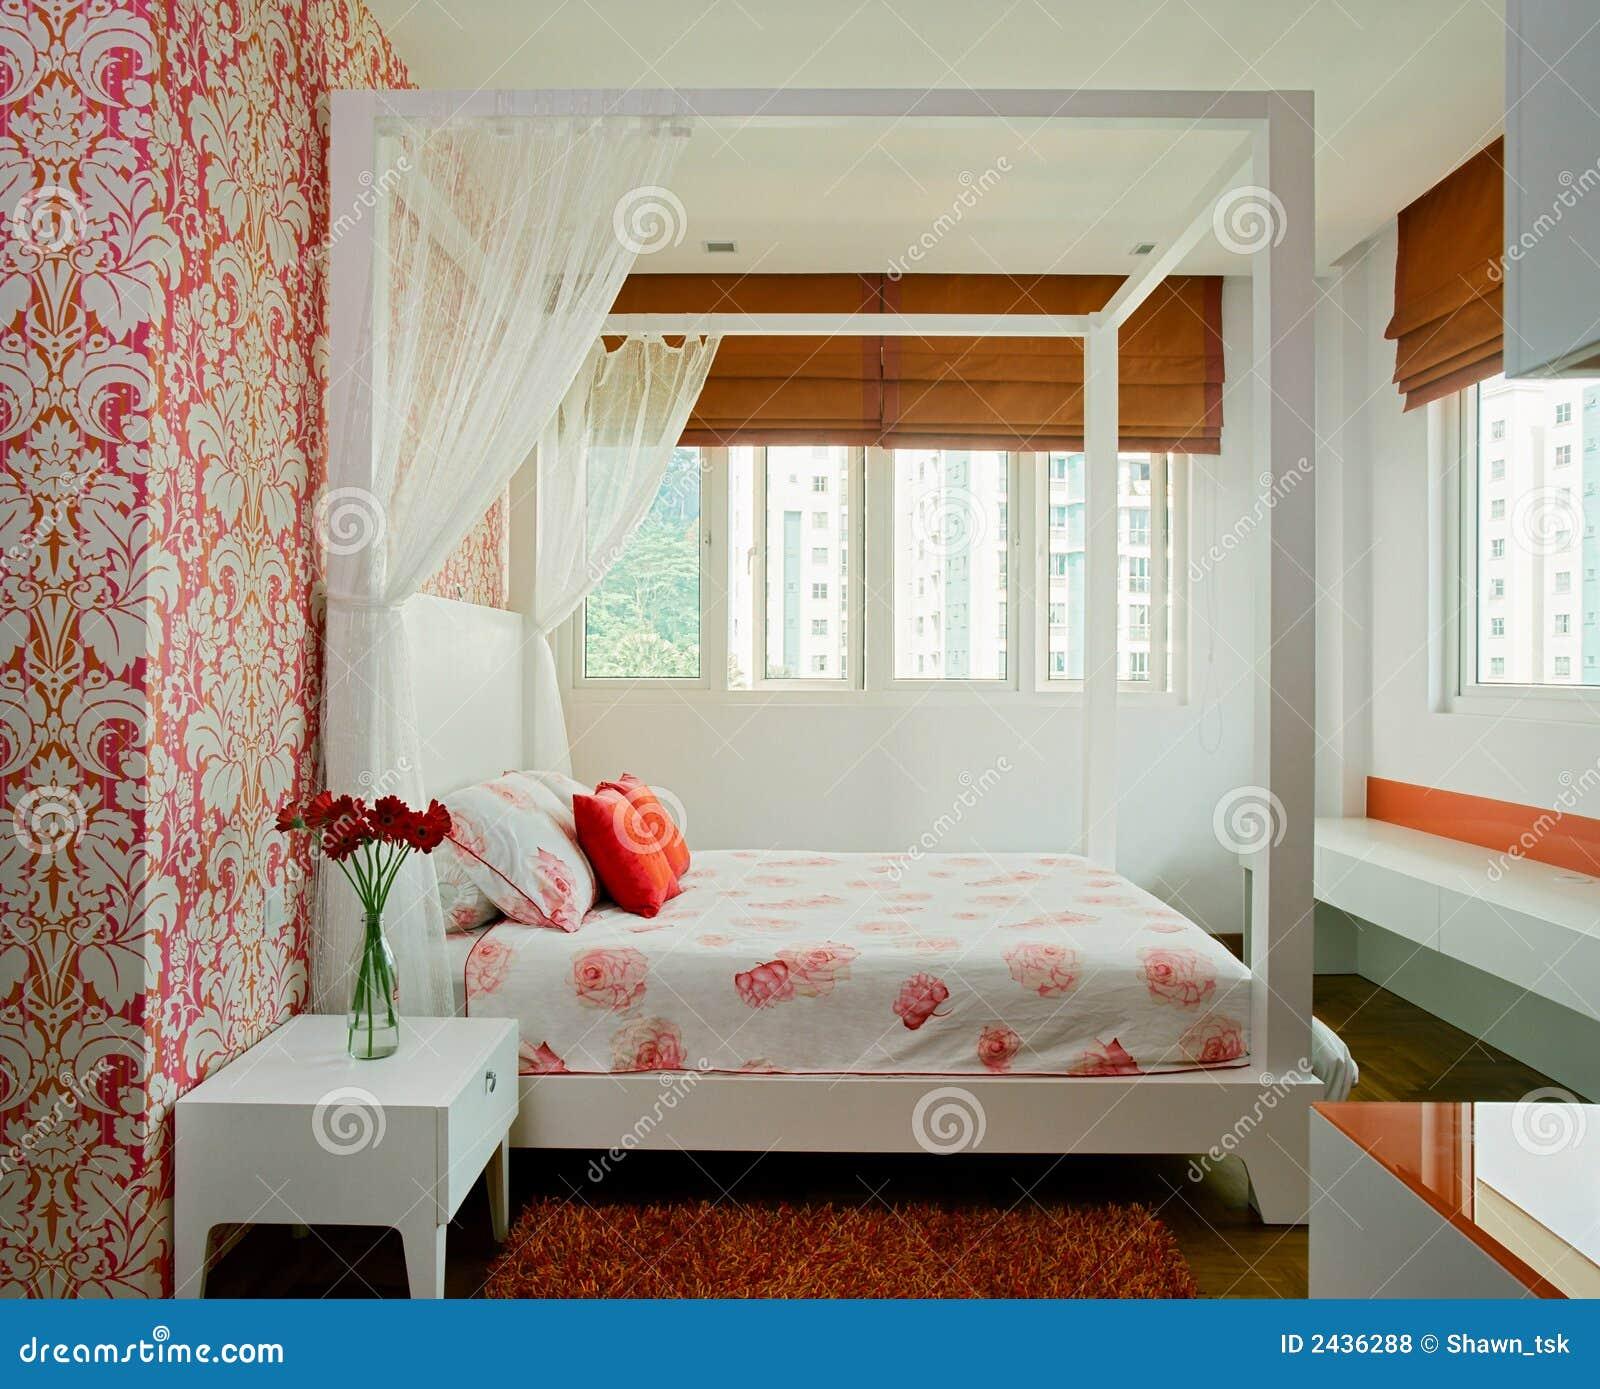 Disegno interno camera da letto fotografie stock libere for Camera da letto carta da parati